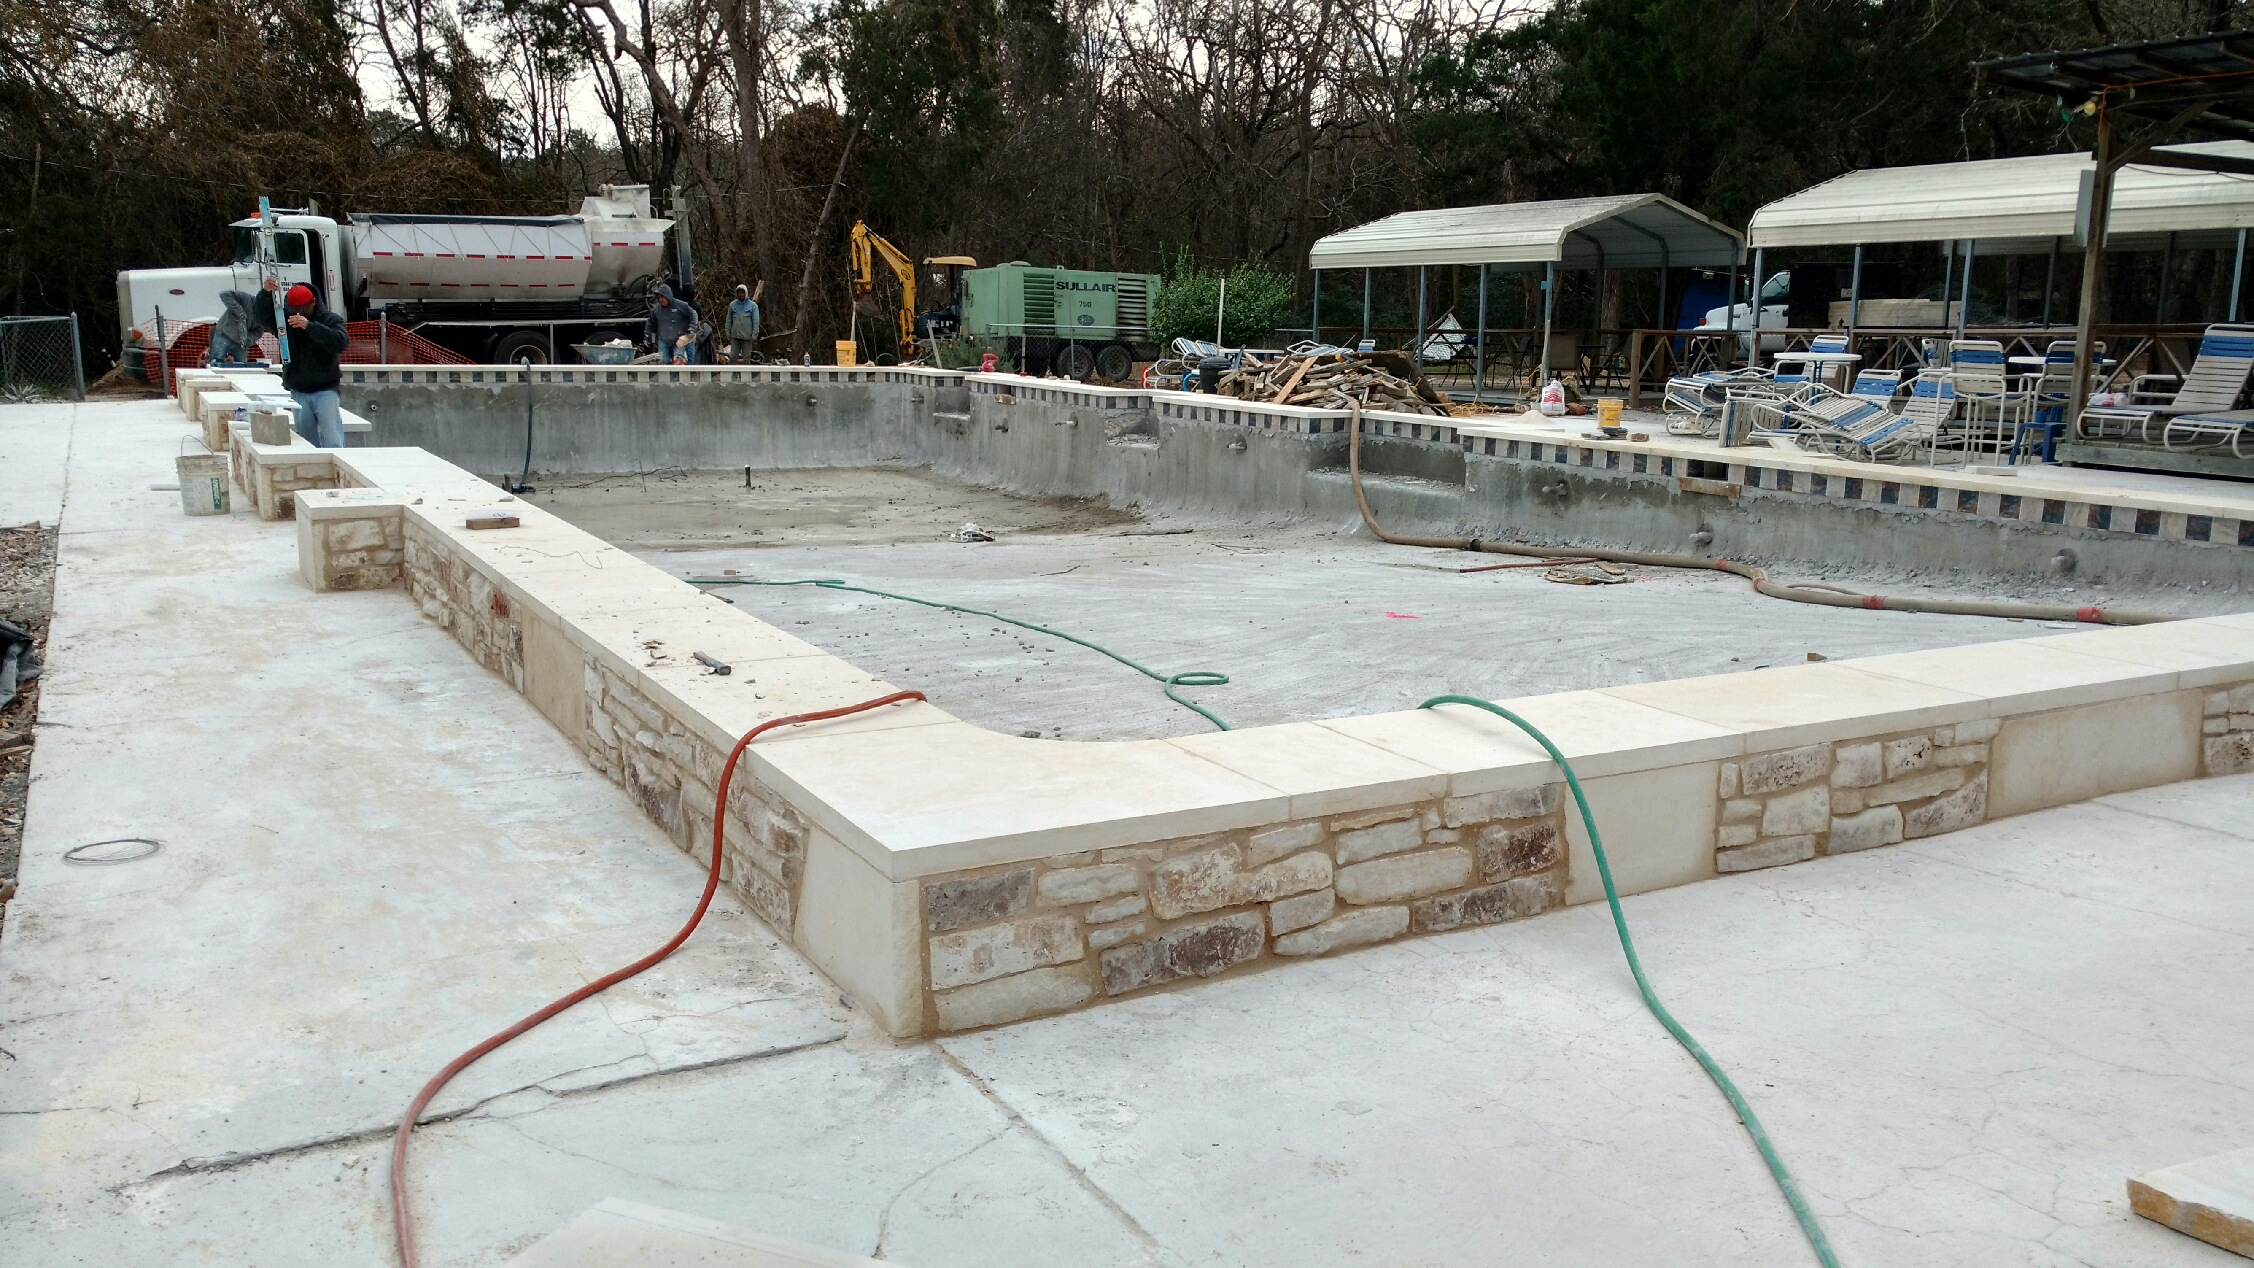 New pool construction at star ranch star ranch nudist club for New pool construction